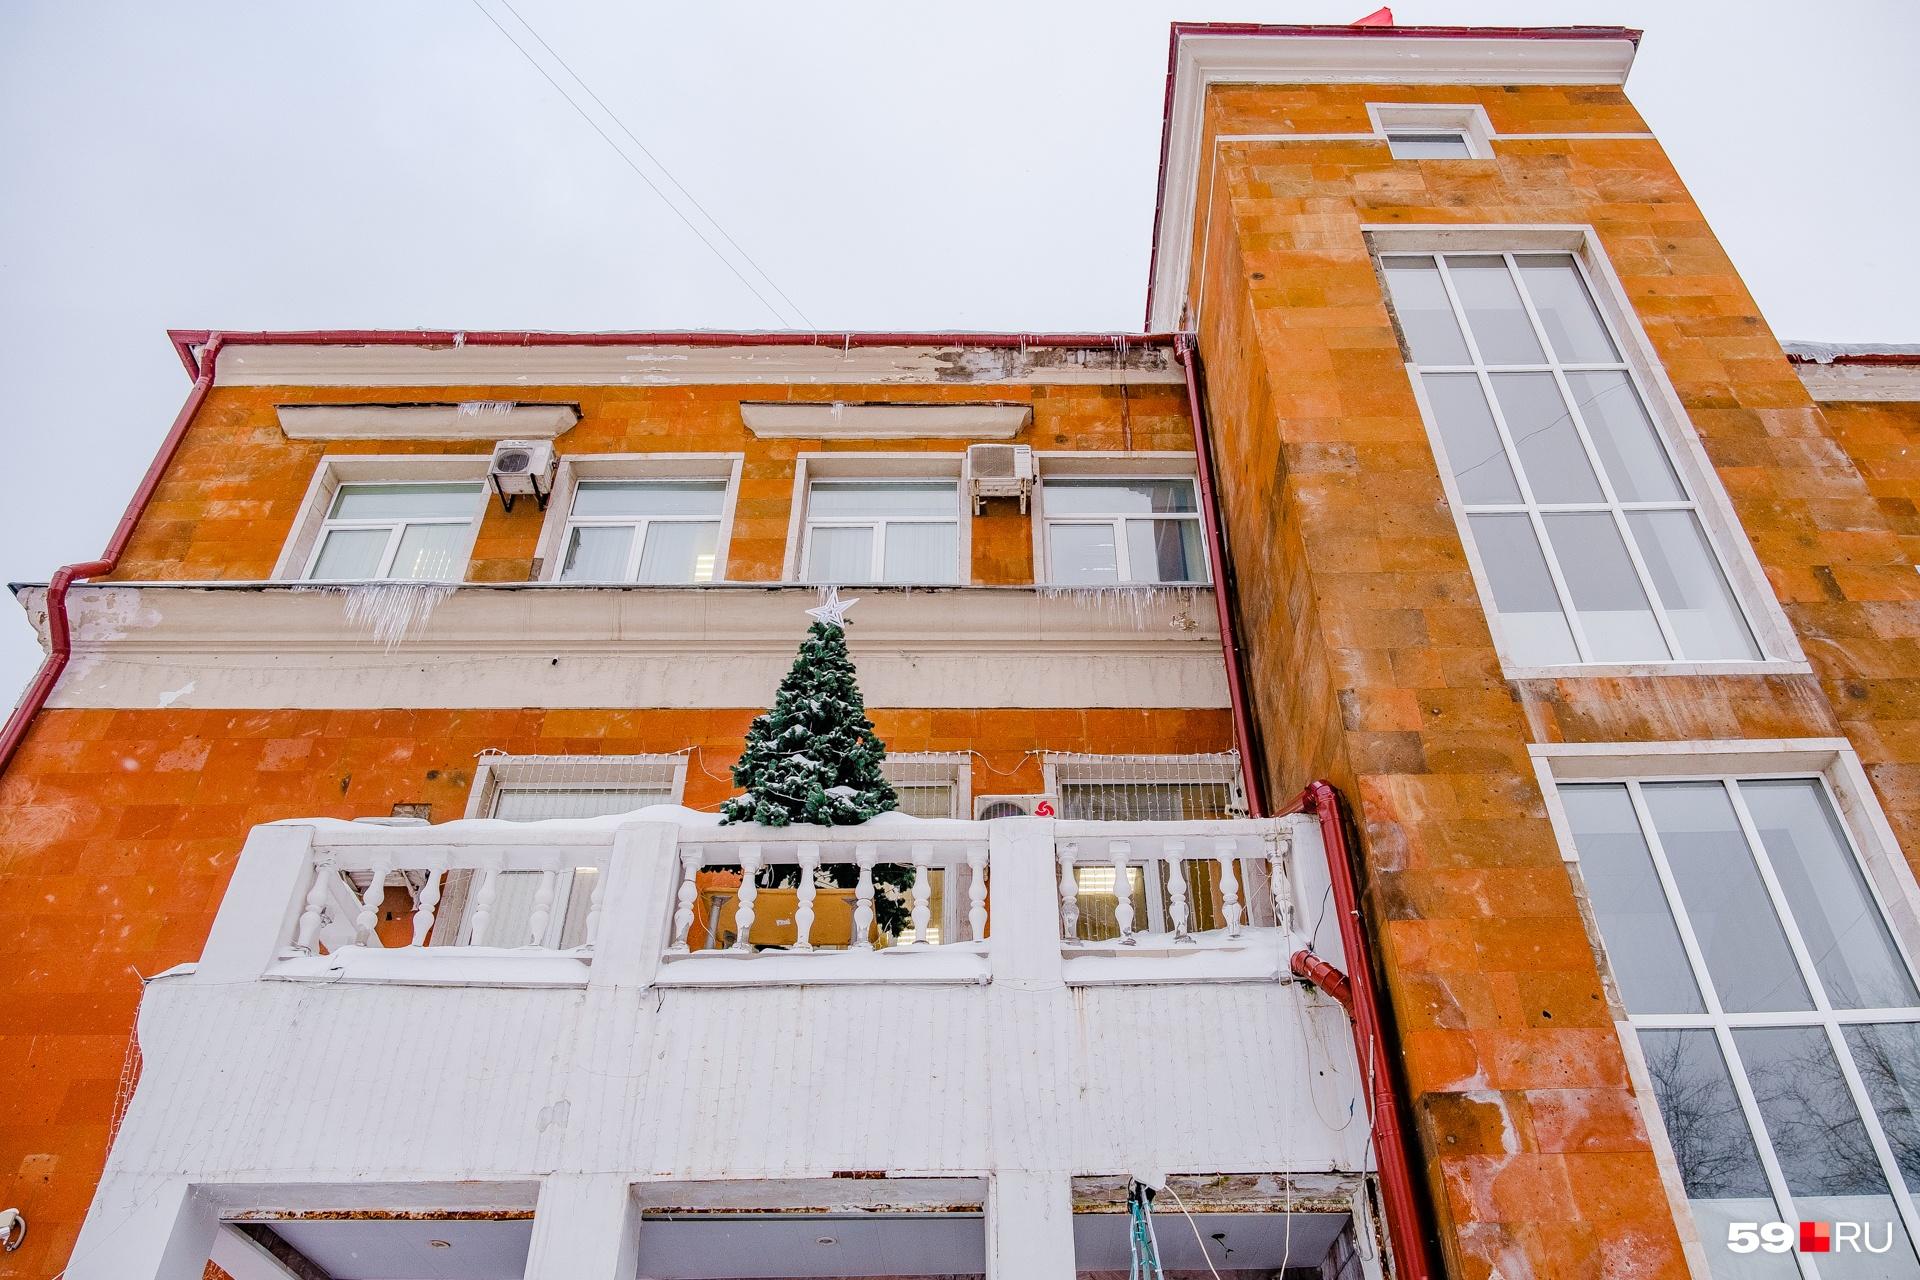 Перила на балконе оформлены фигурными балясинками